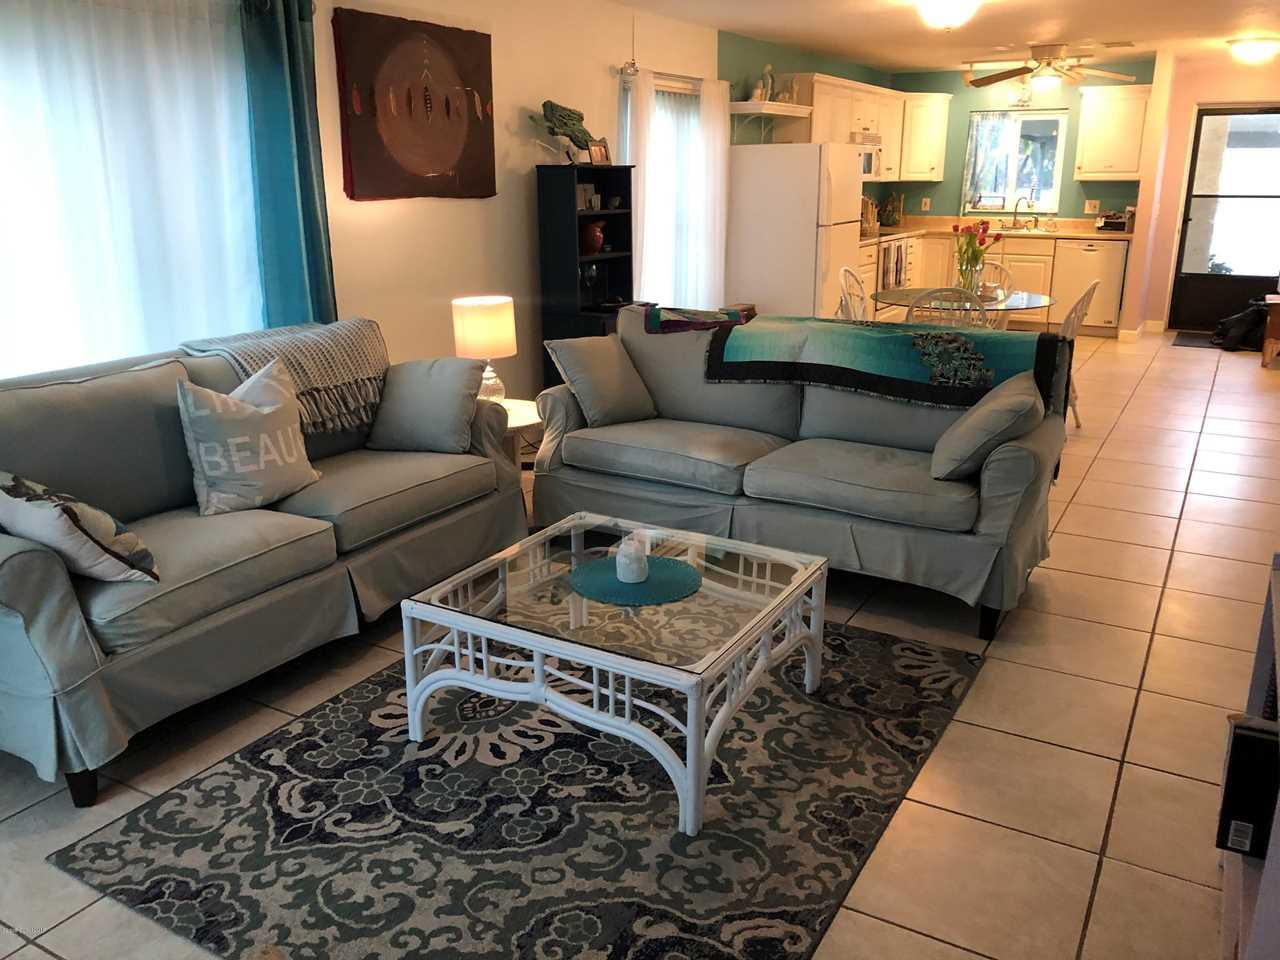 201 Saint Lucie Lane #905 Cocoa Beach, FL 32931 | MLS 835301 Photo 1